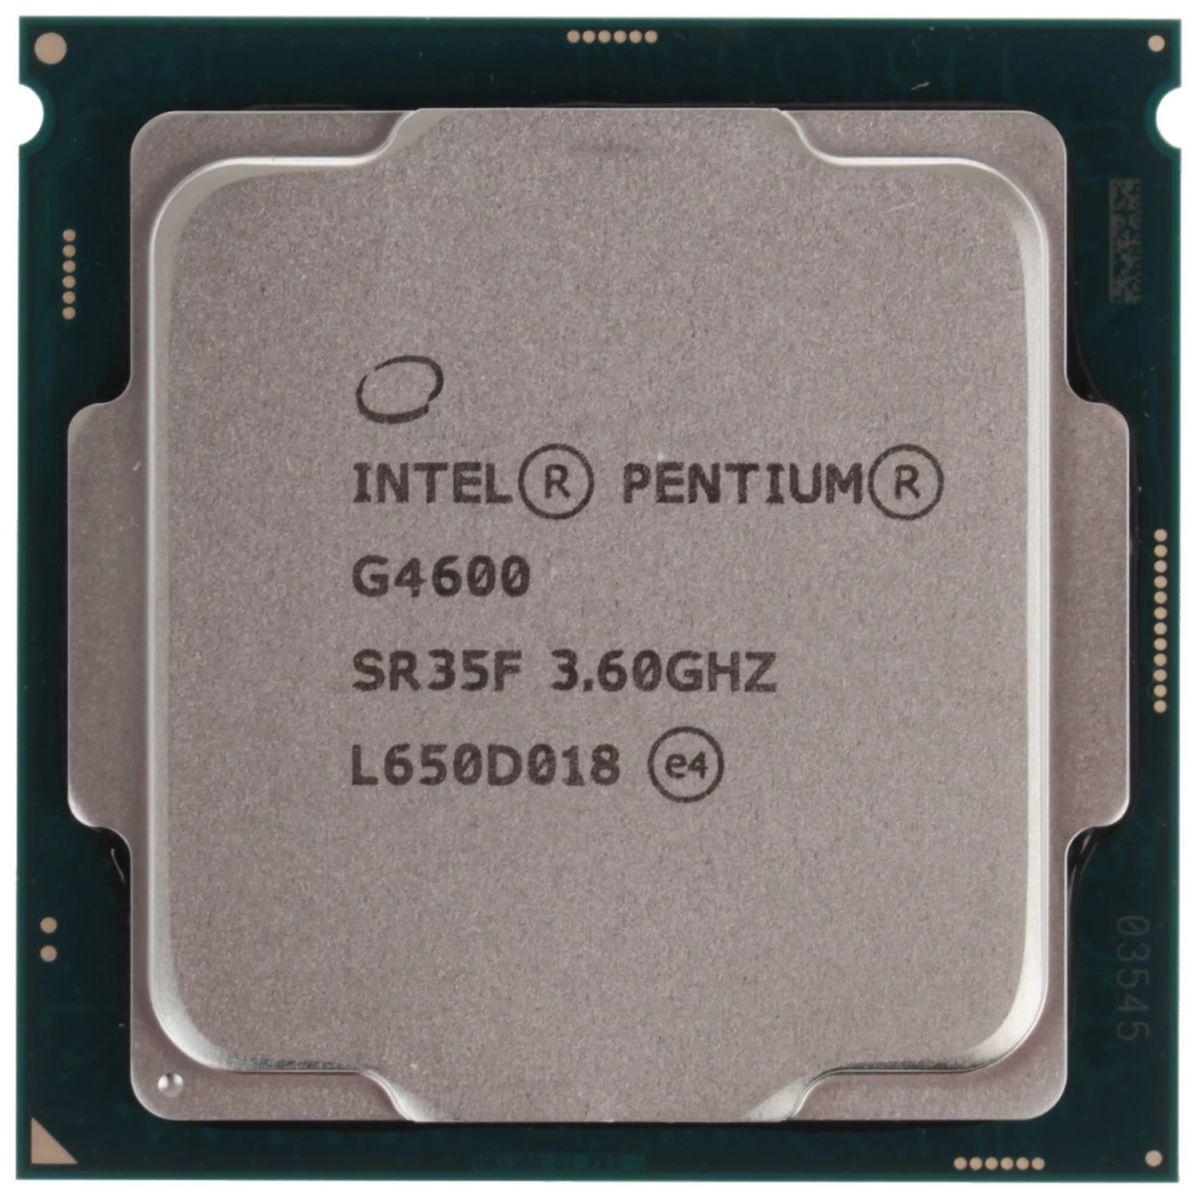 Тест процессора Intel Pentium G4600: пойдет ли для игр?